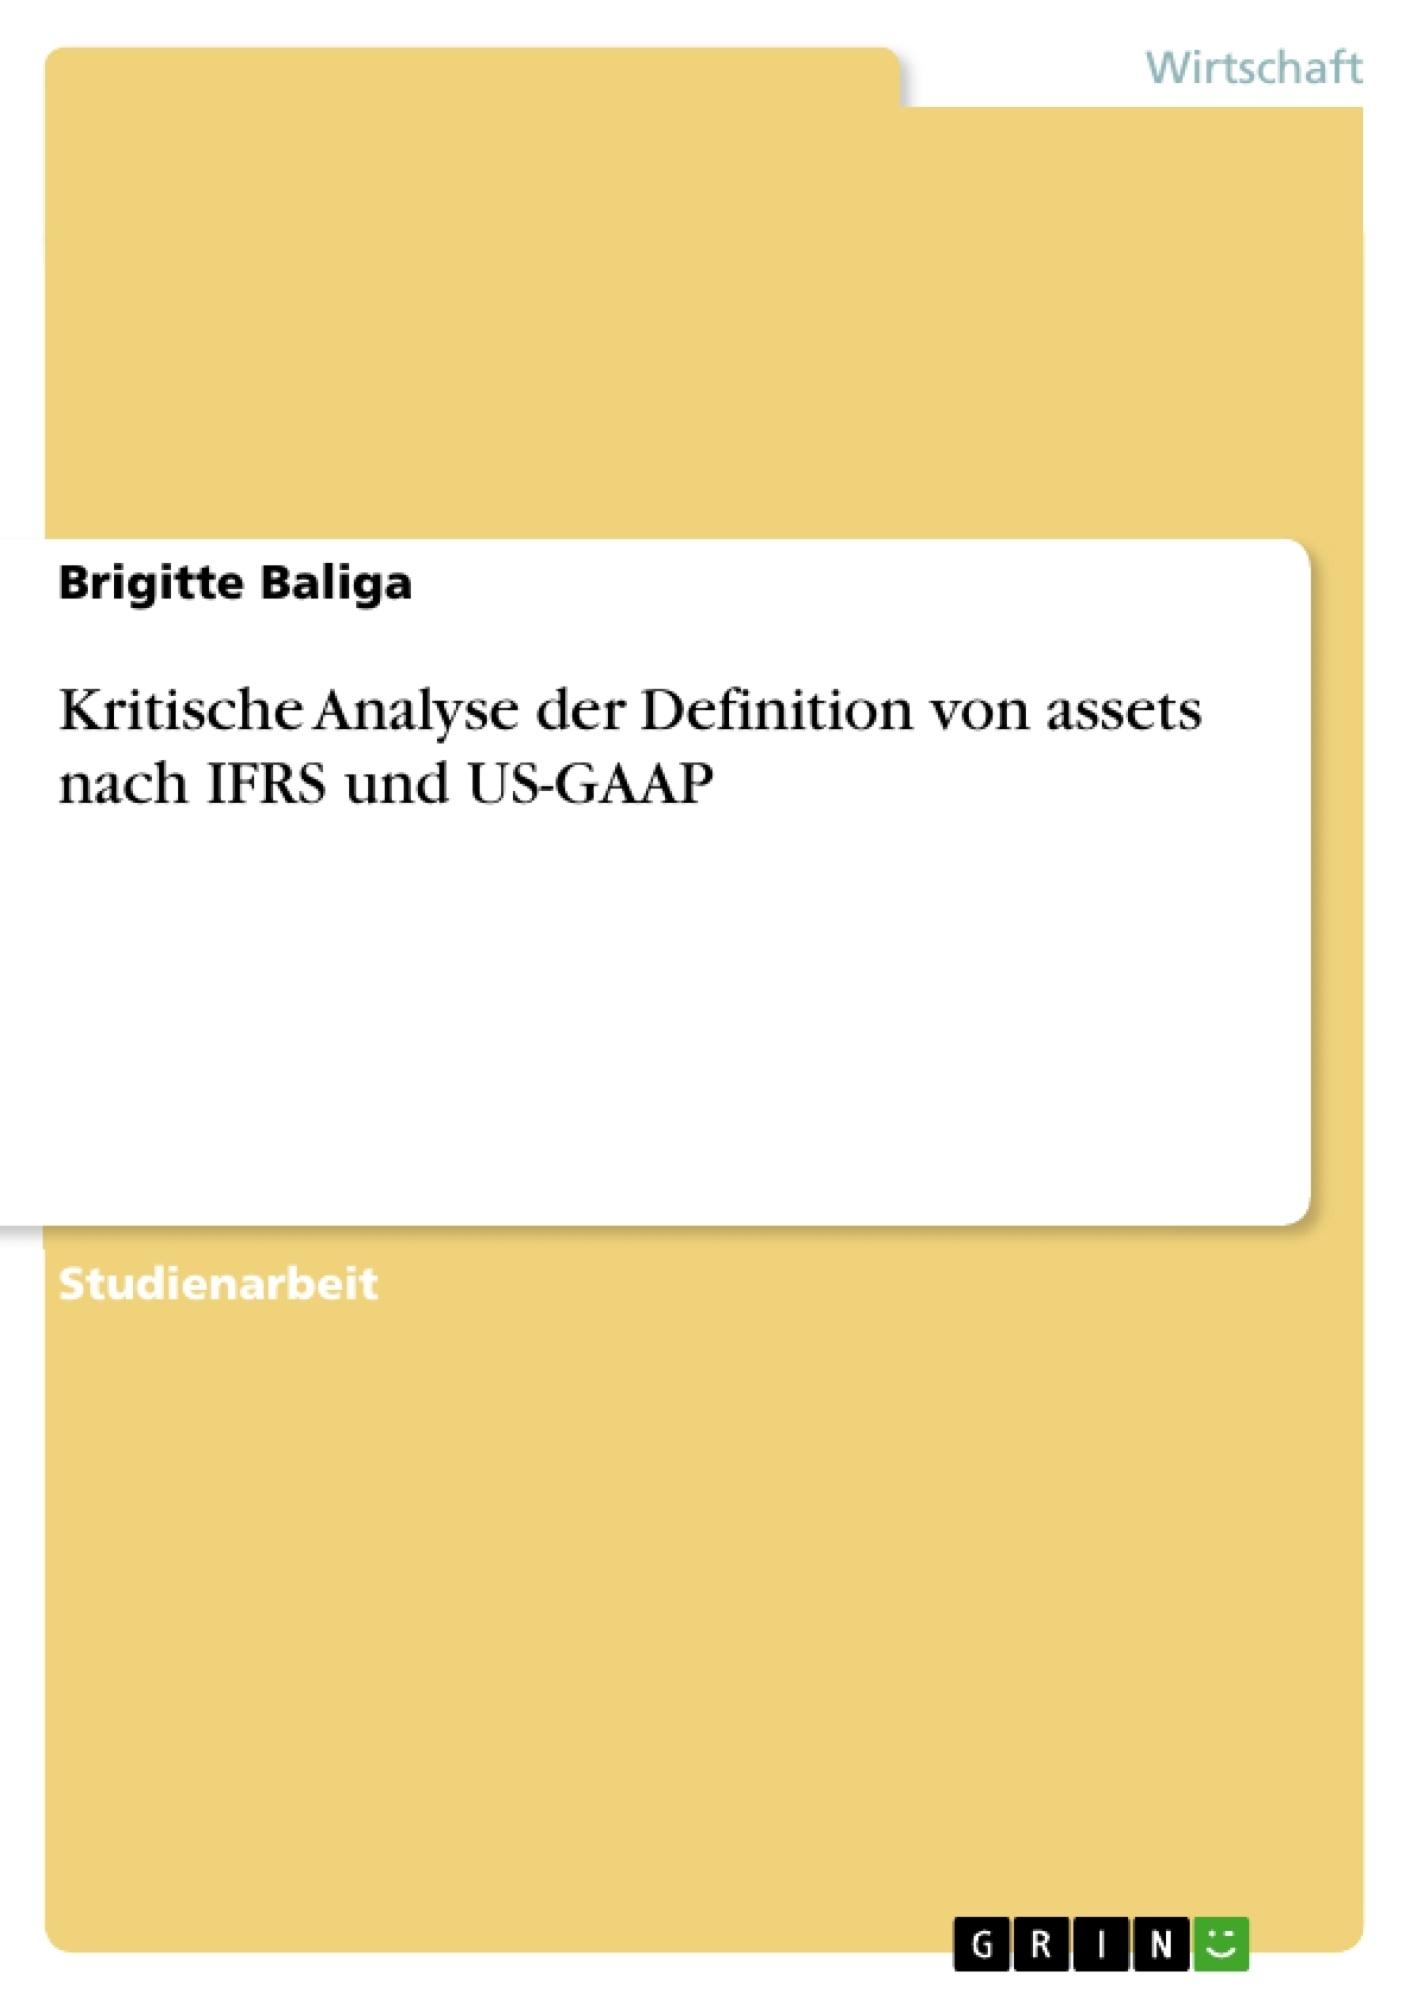 Titel: Kritische Analyse der Definition von assets nach IFRS und US-GAAP